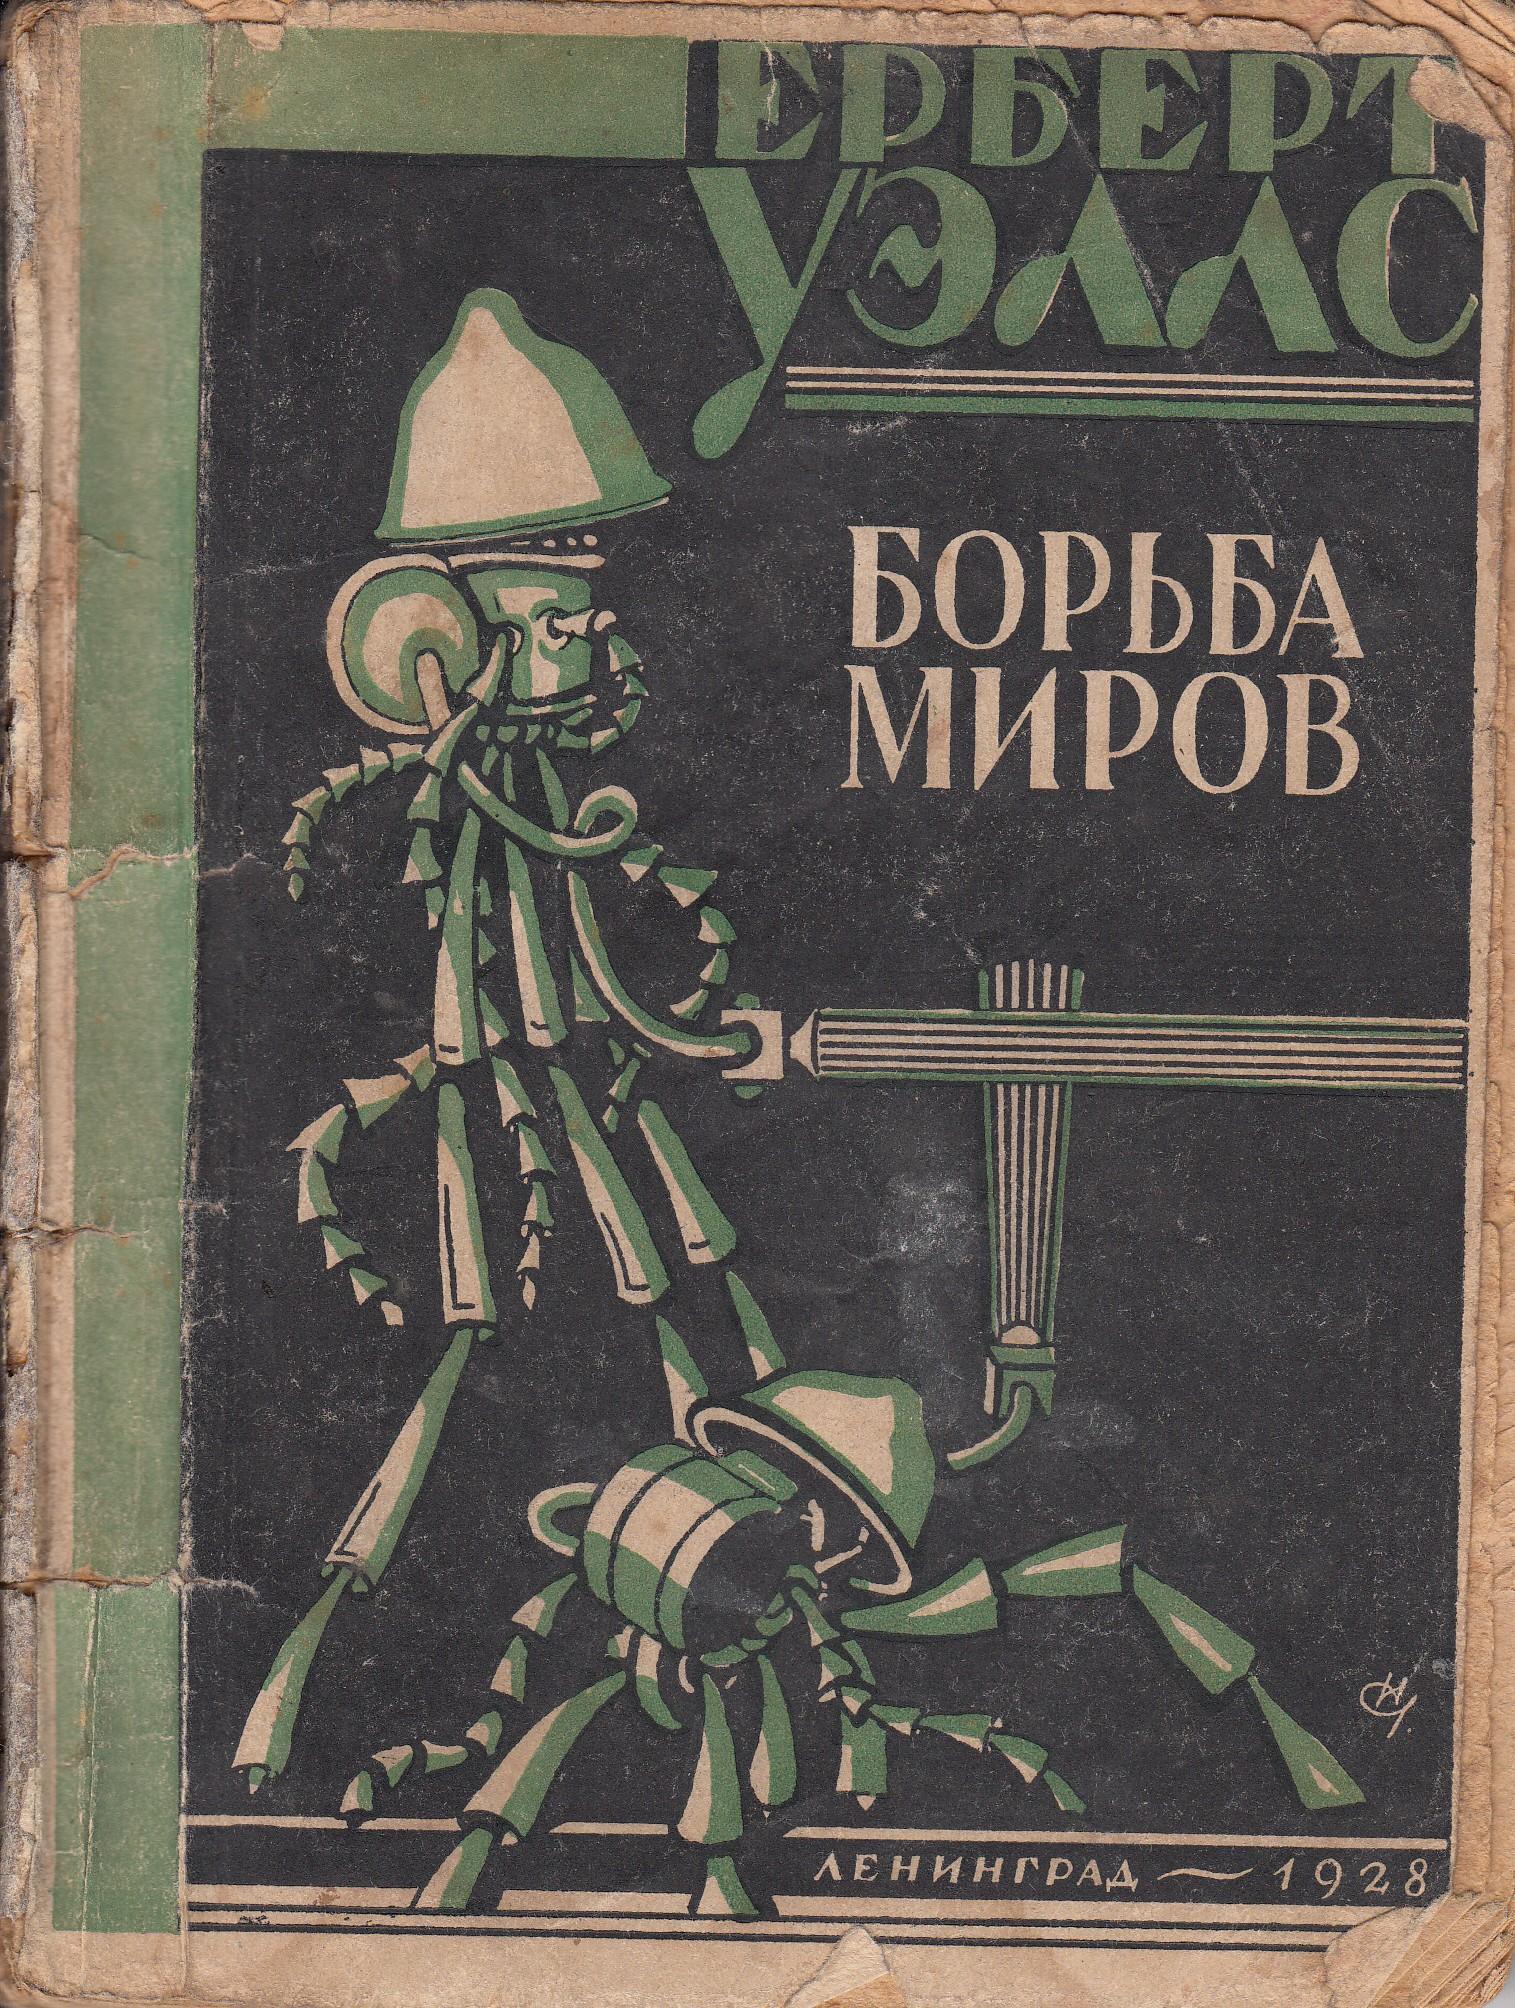 http://fantlab.ru/images/editions/orig/78500